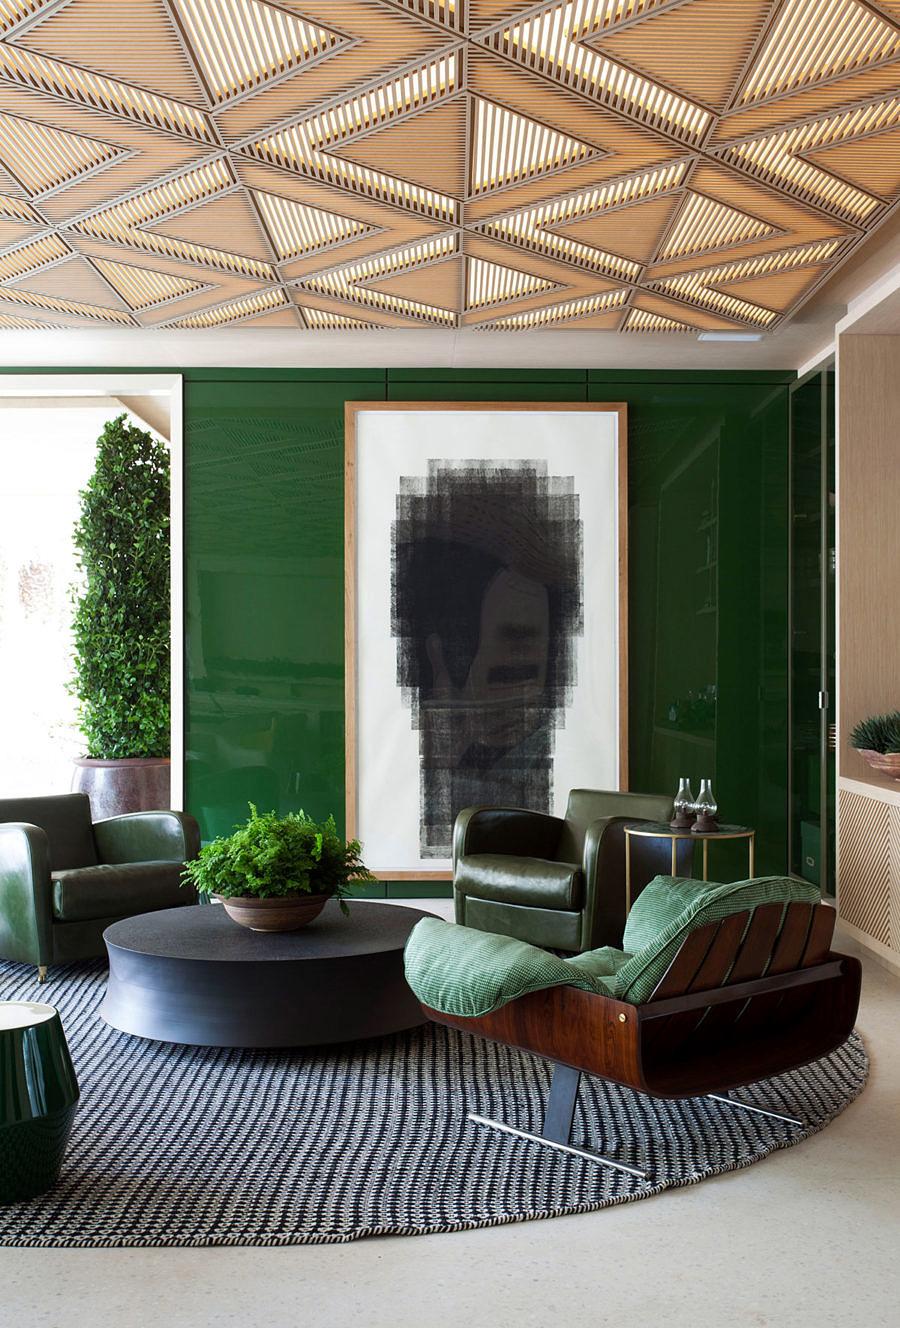 sofá verde veludo roberto migotto casacor sao paulo 2018 le riad bontempo decoração interiores